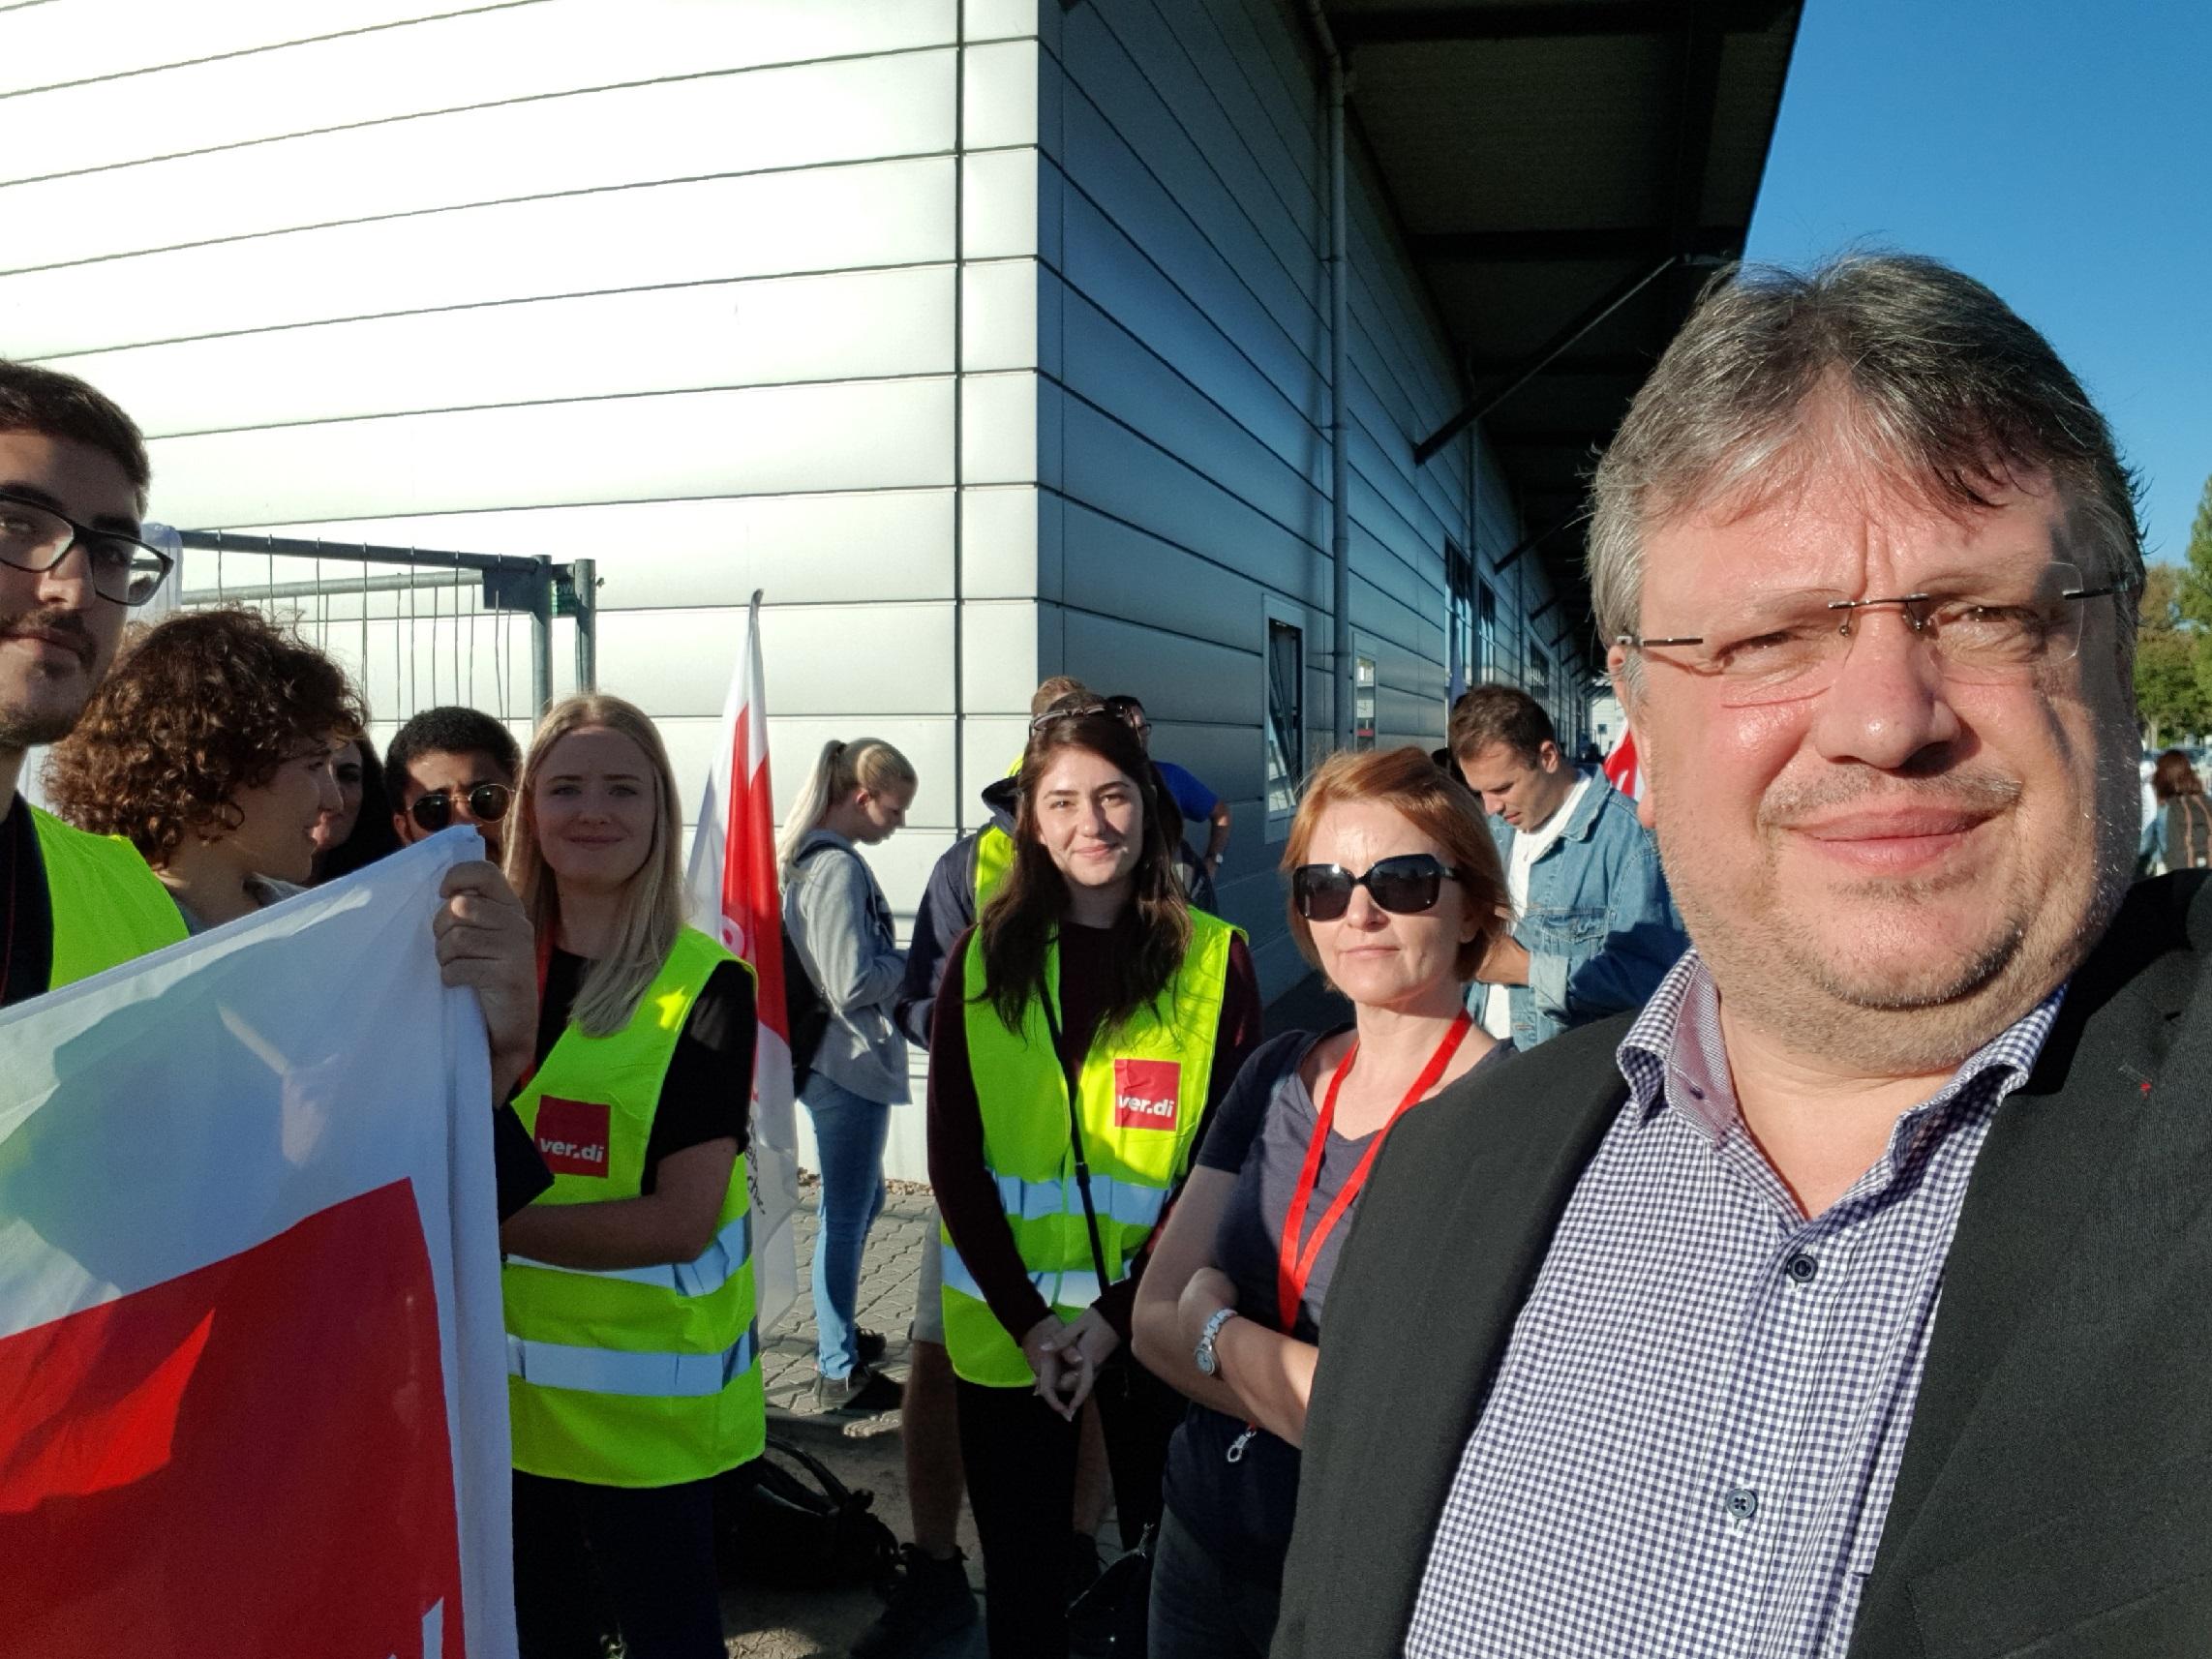 SPD hält Wort: Änderung des Betriebsverfassungsgesetzes ermöglicht die Schaffung von Betriebsräten für das Luftpersonal in Unternehmen wie Ryanair